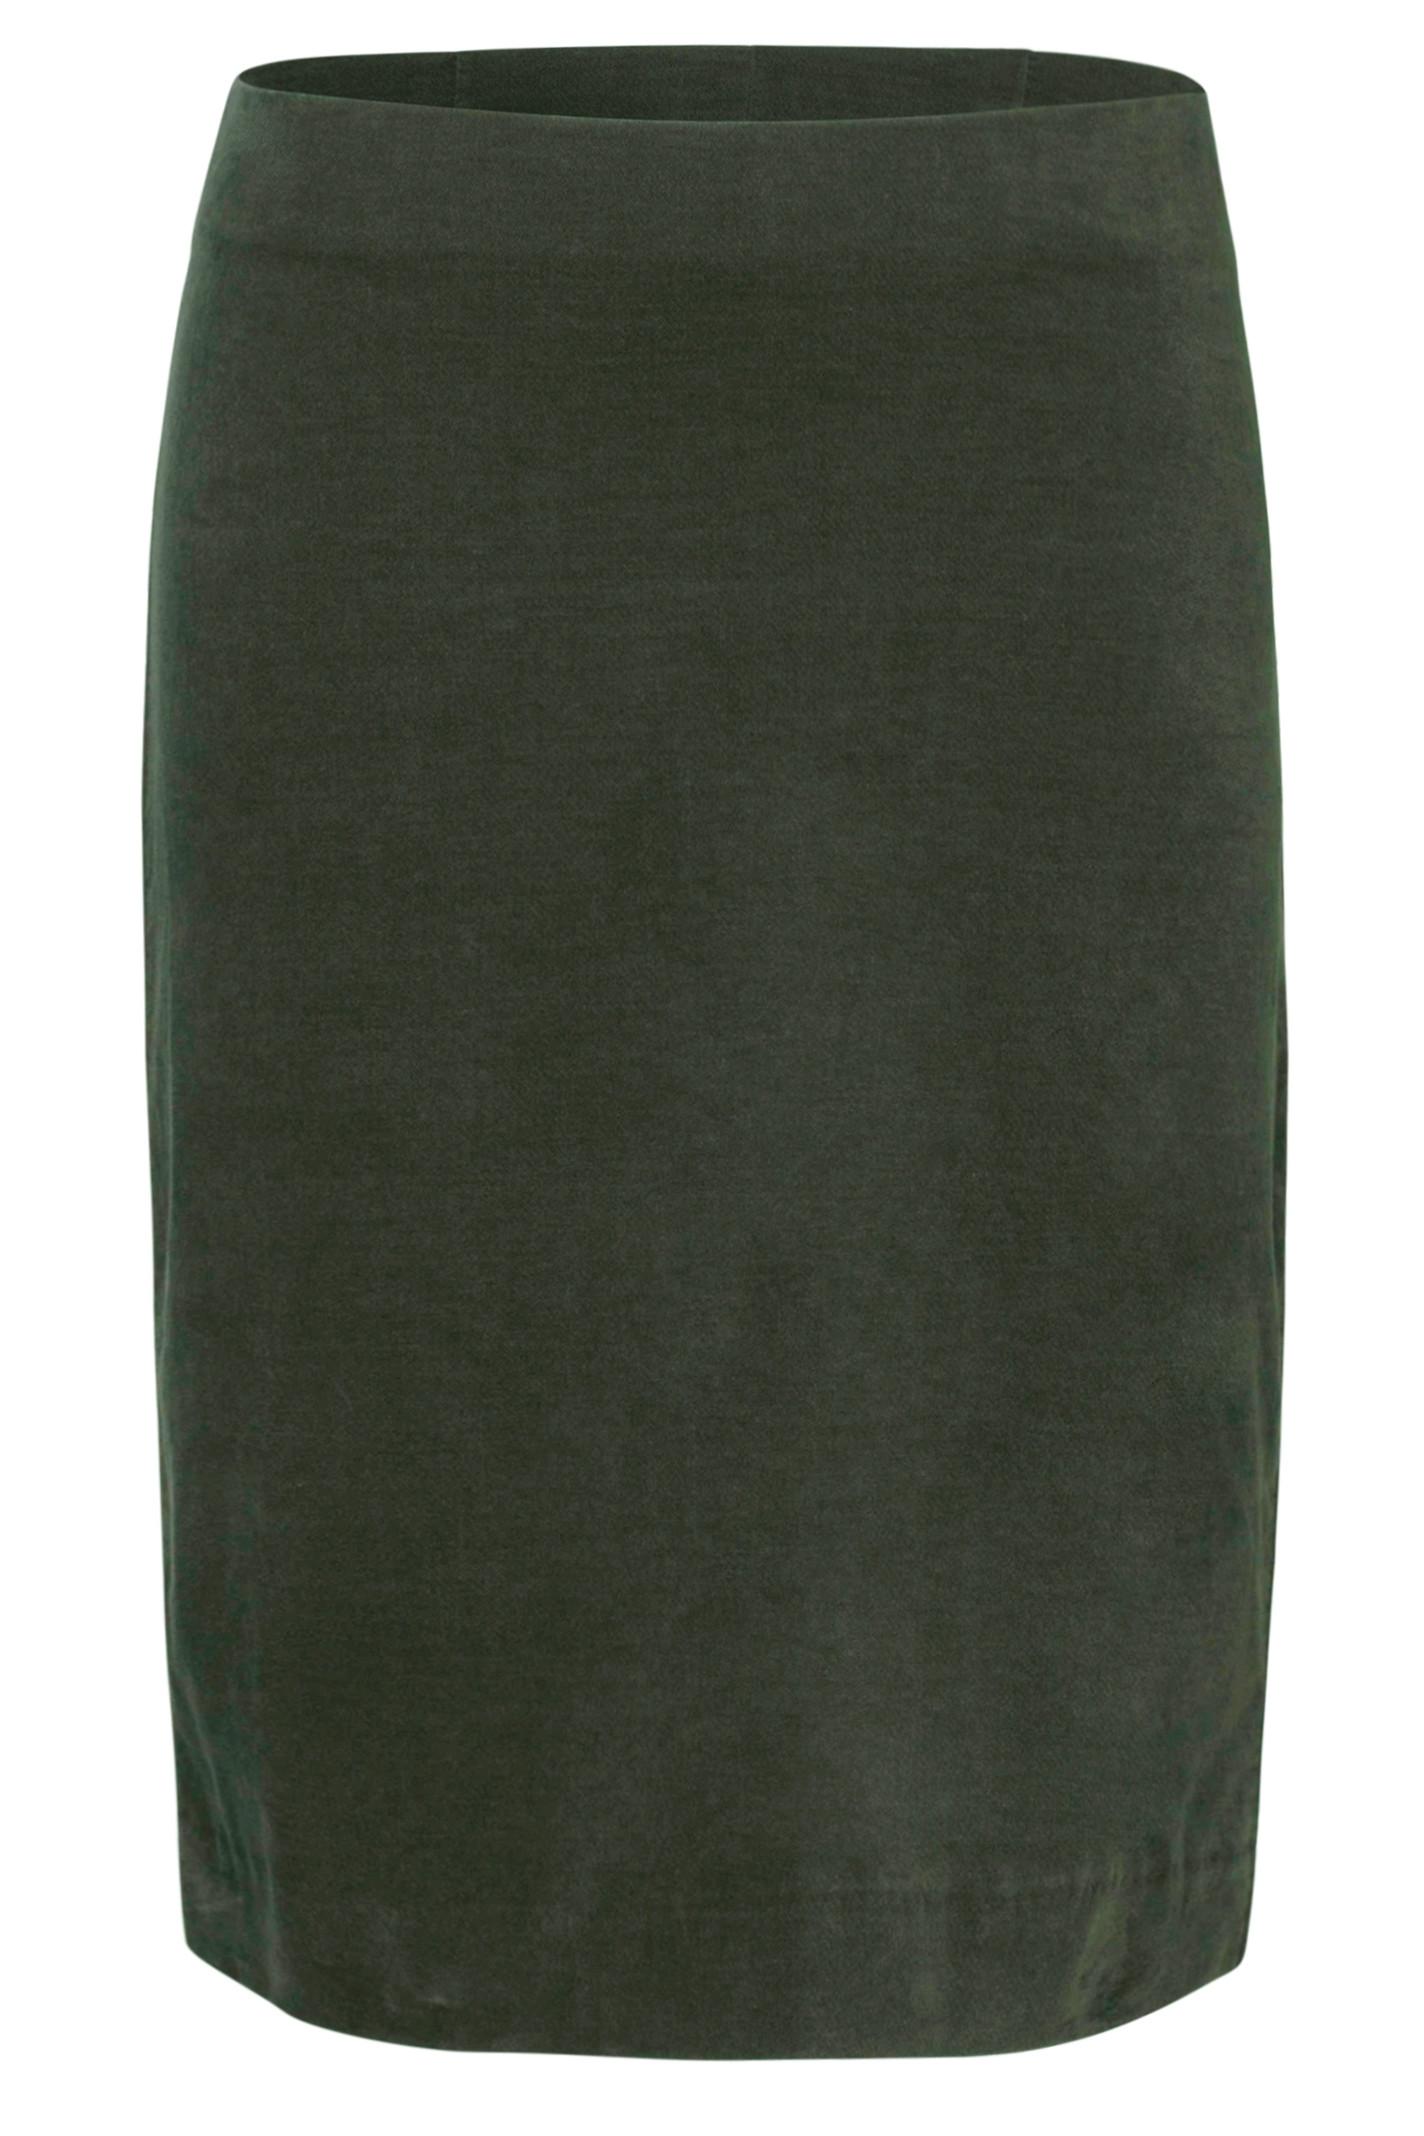 ROSEMUNDE 6373 Dark green